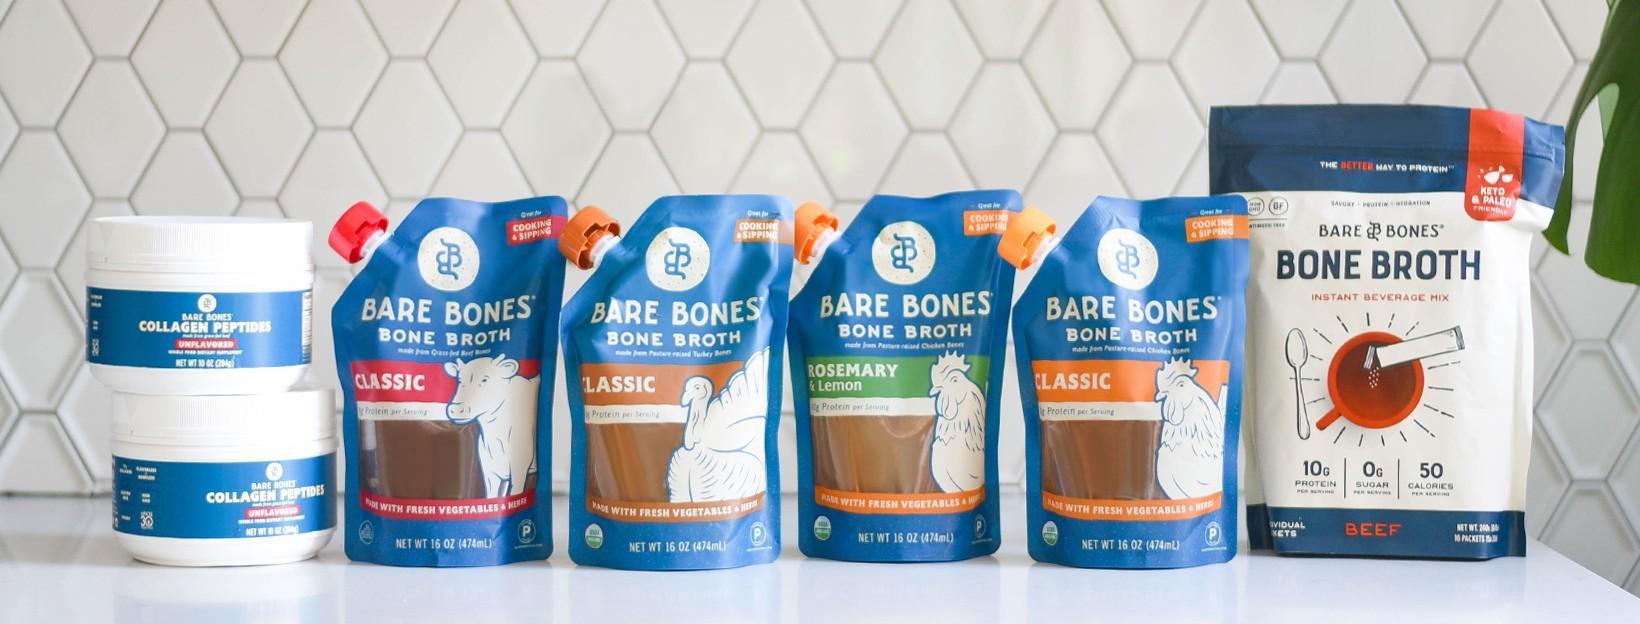 Bare Bones | LinkedIn